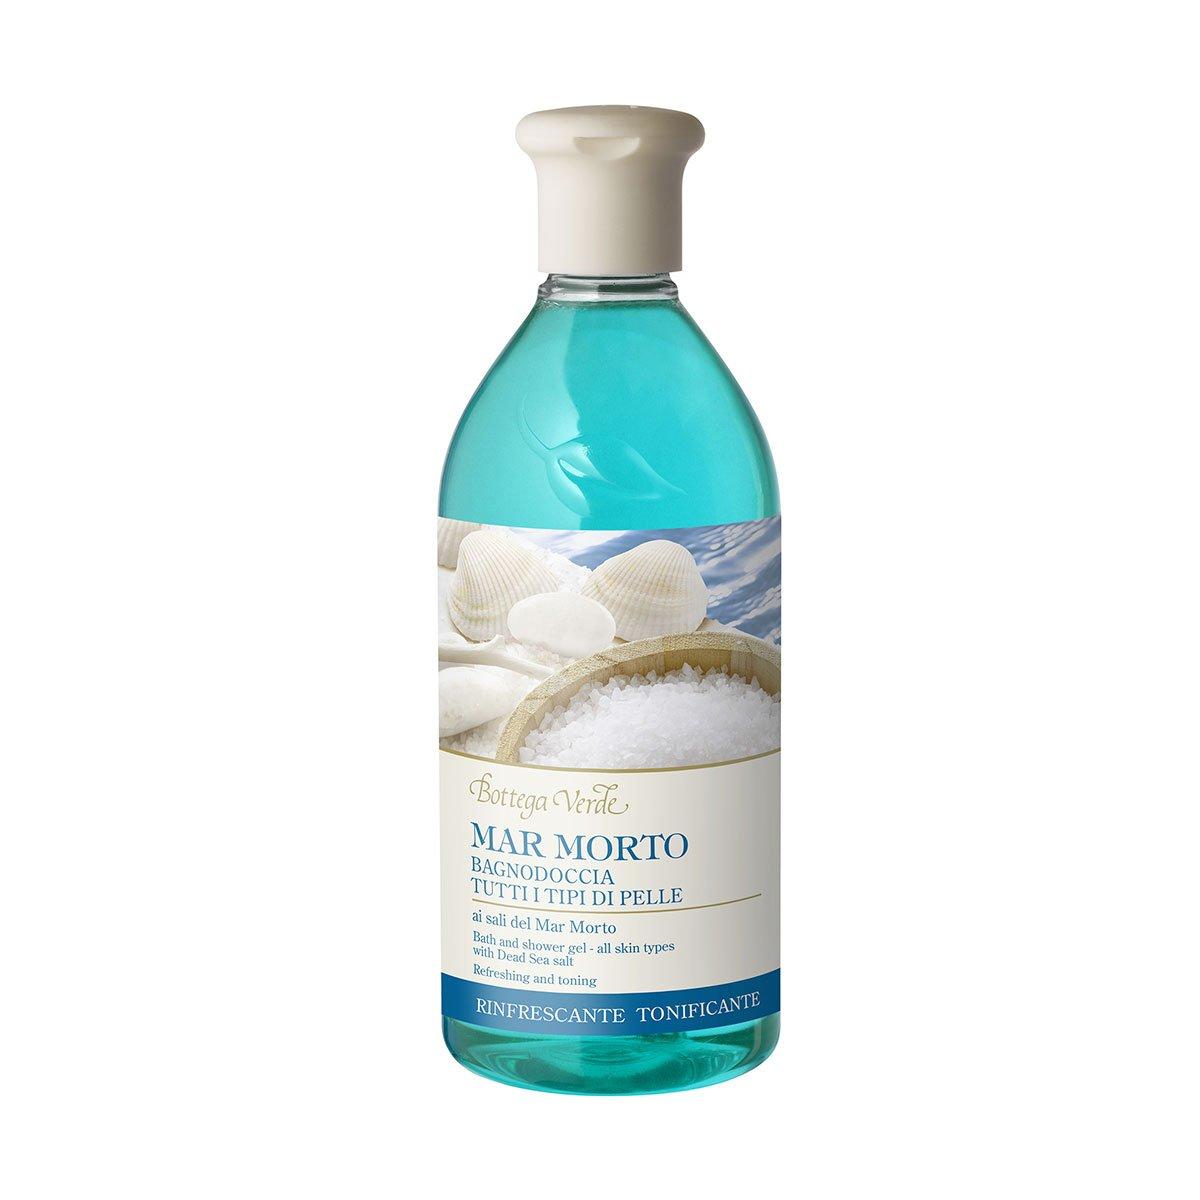 Bottega Verde Mar Morto Sorgente Di Benessere Bagnodoccia